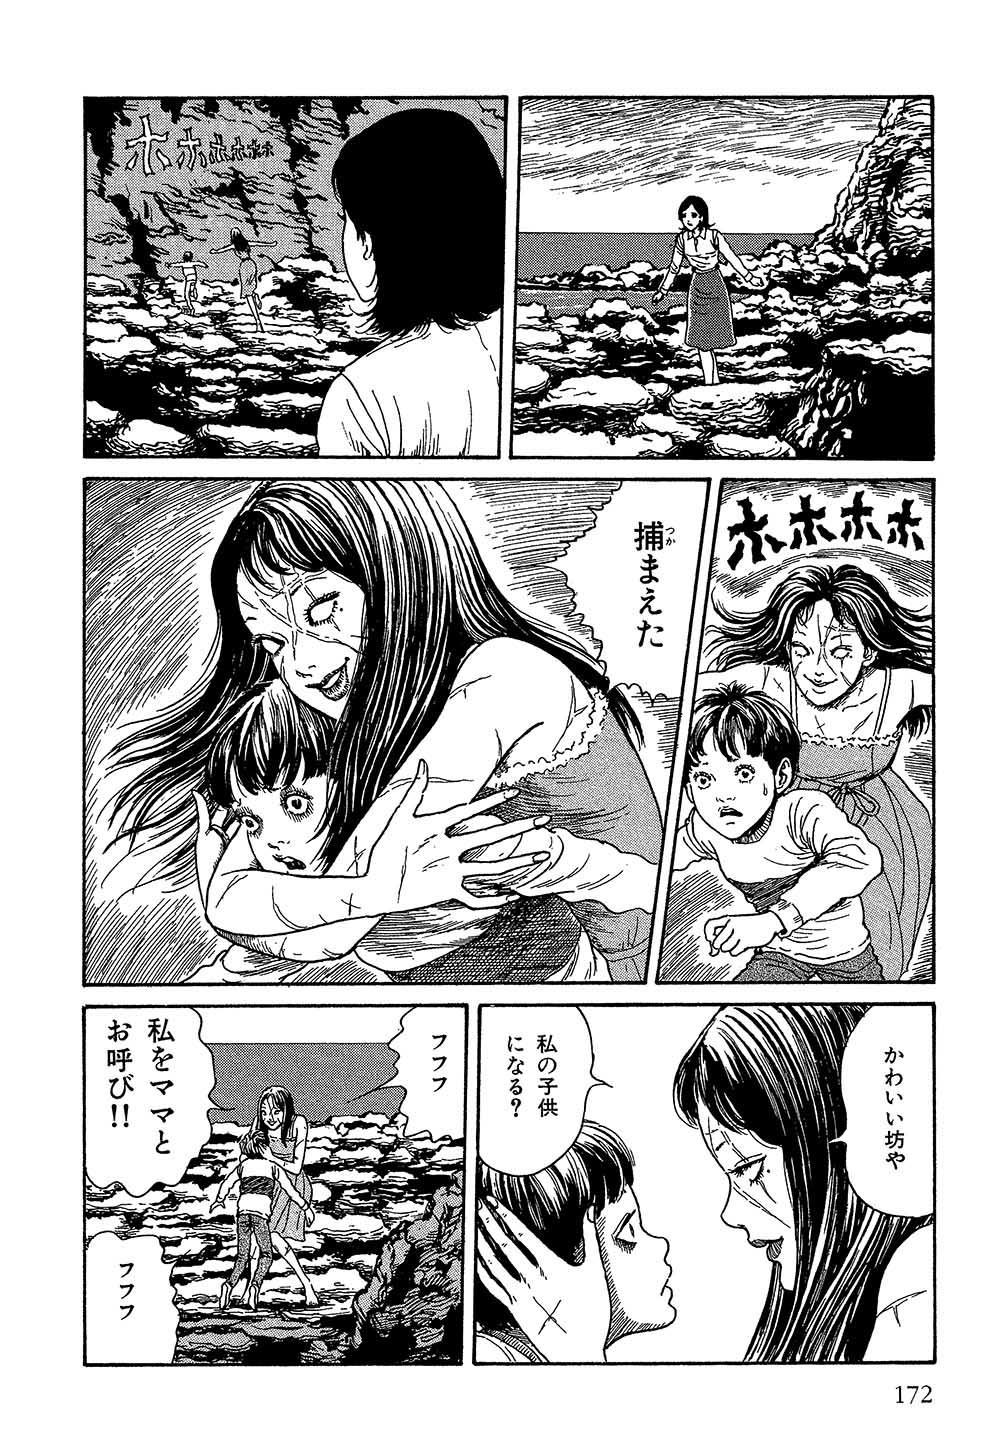 itouj_0002_0174.jpg